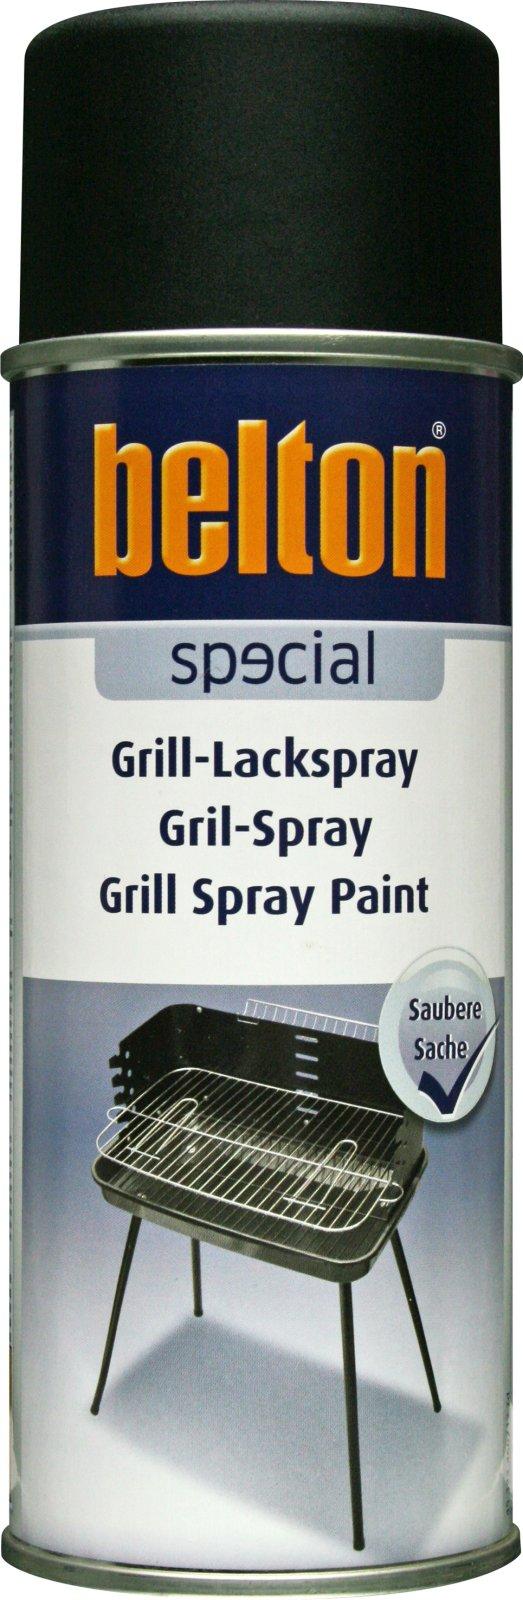 belton Grill Spuitlak mat zwart - 400ml